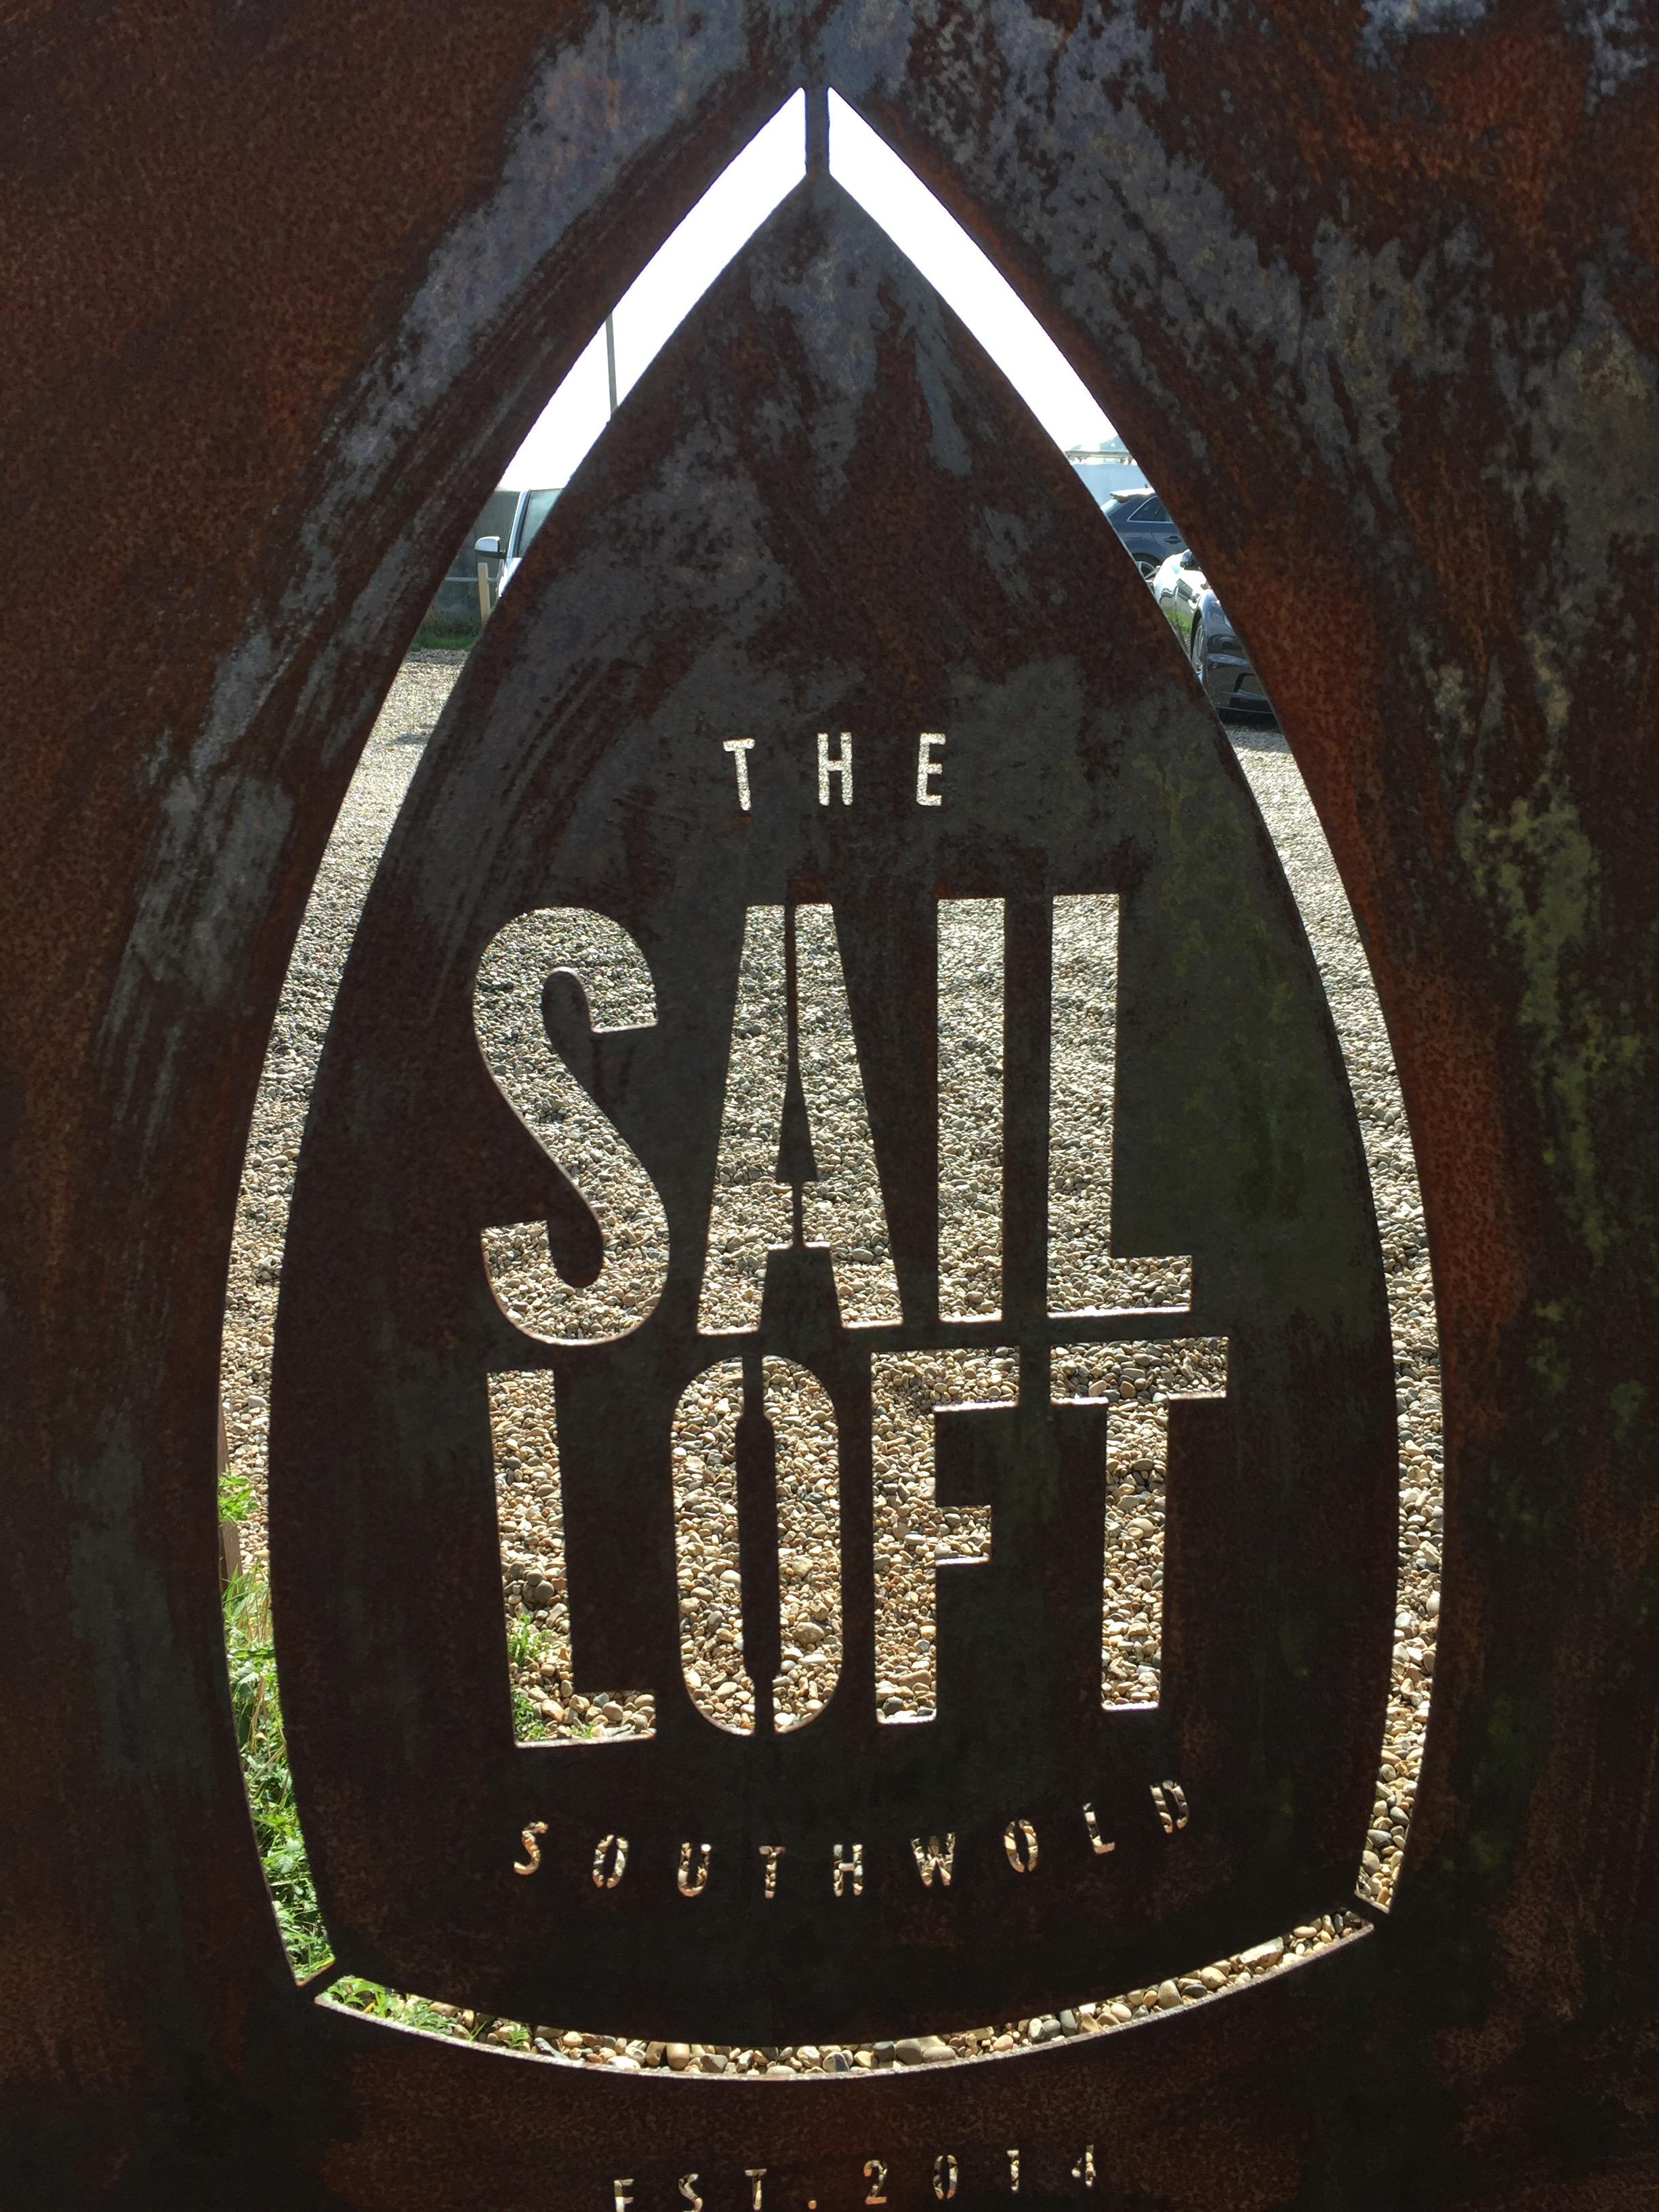 The Sail Loft Southwold